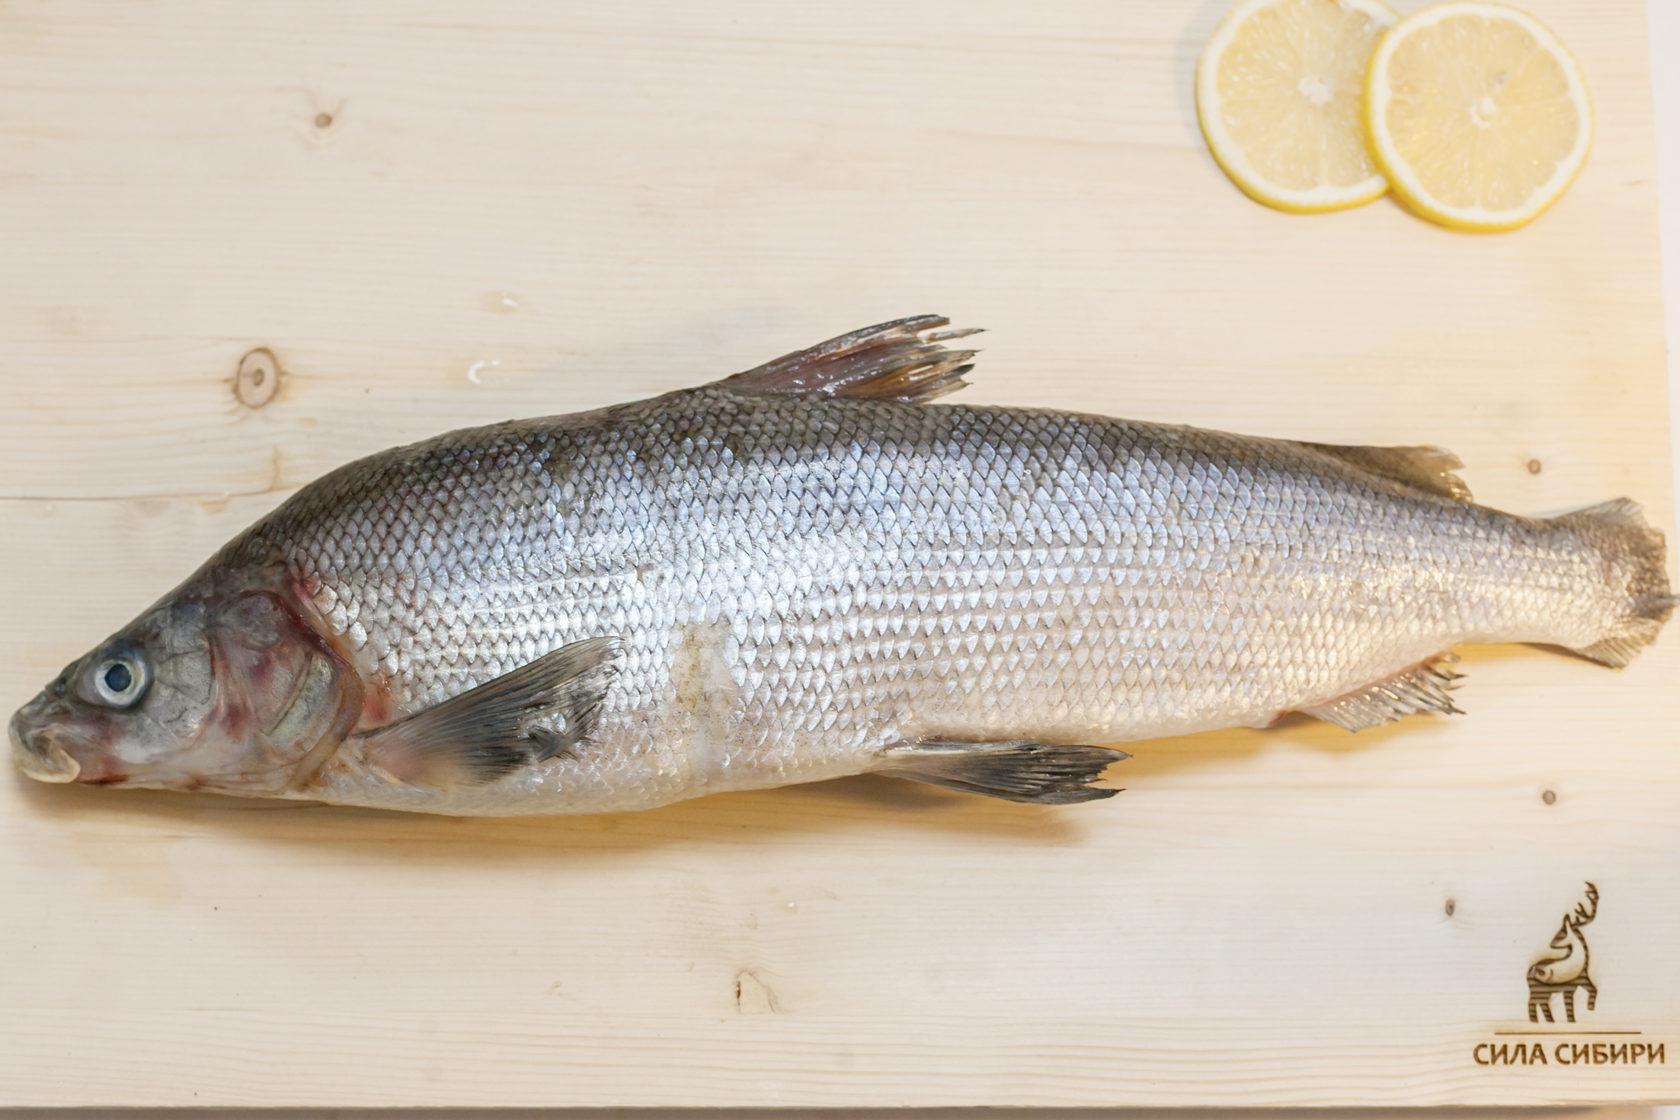 можно резать, муксун рыба фото описание салатом черного риса